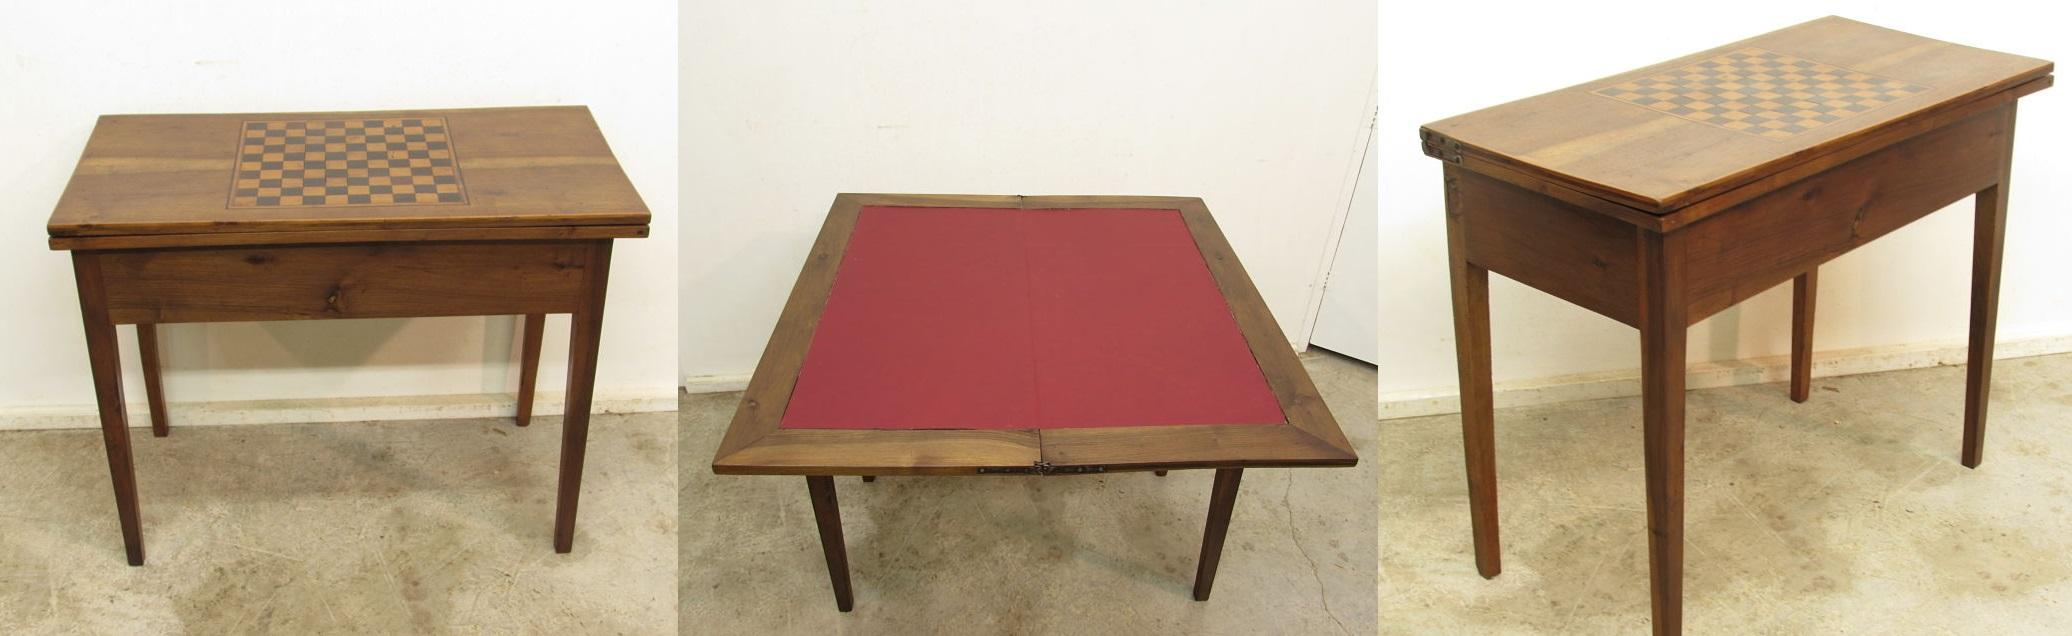 Zumadia mesa de juegos antigua